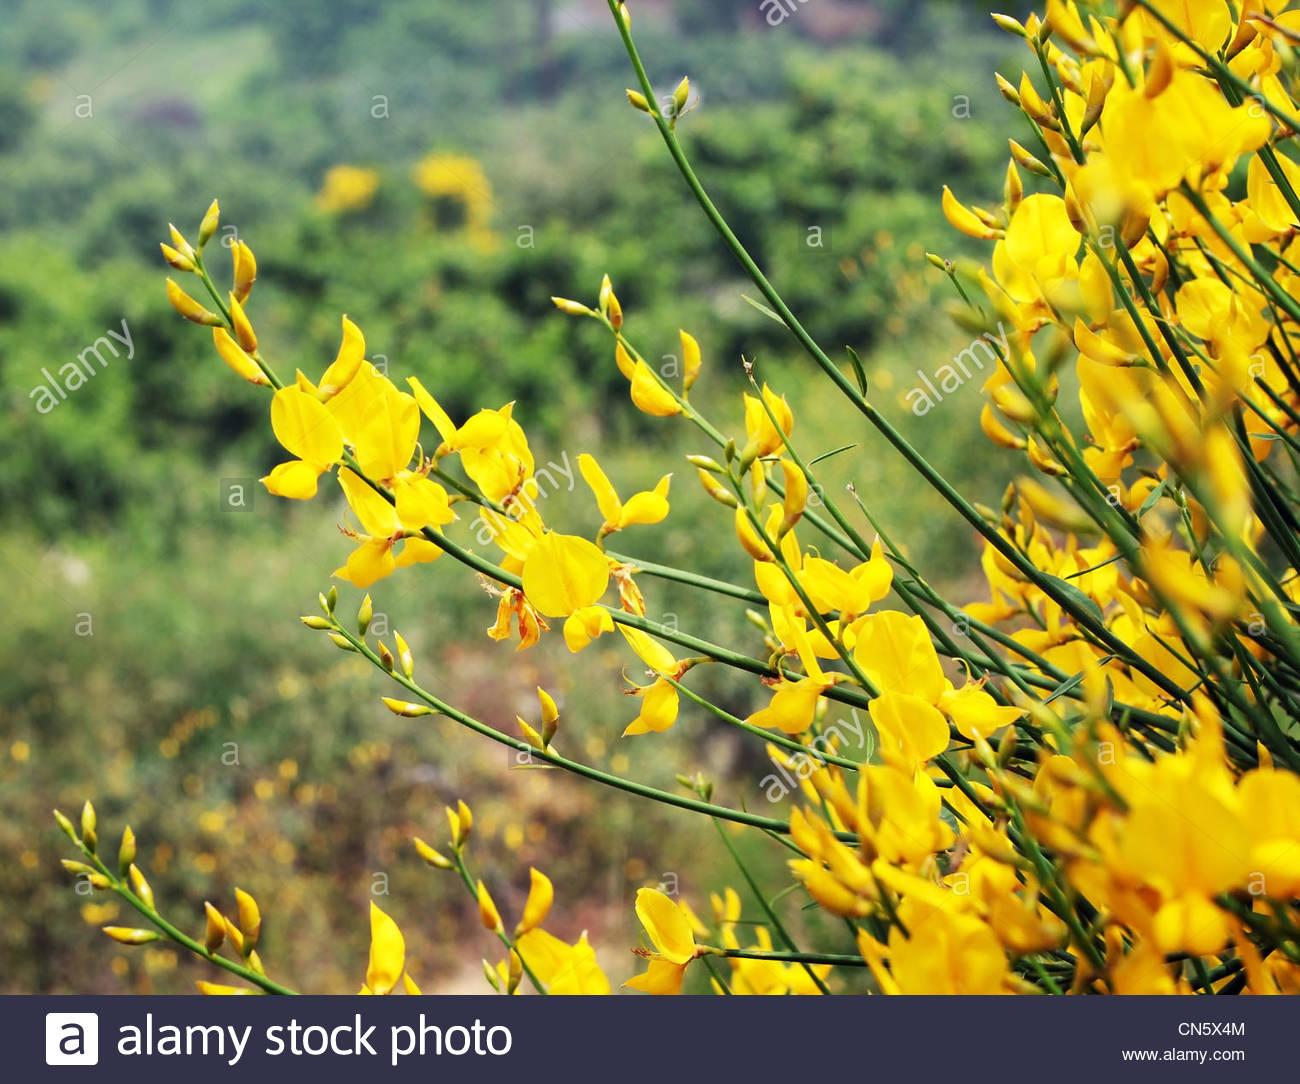 Fiori Di Campo Gialli.Fiori Gialli Fondale Dept Di Campo Foto Immagine Stock